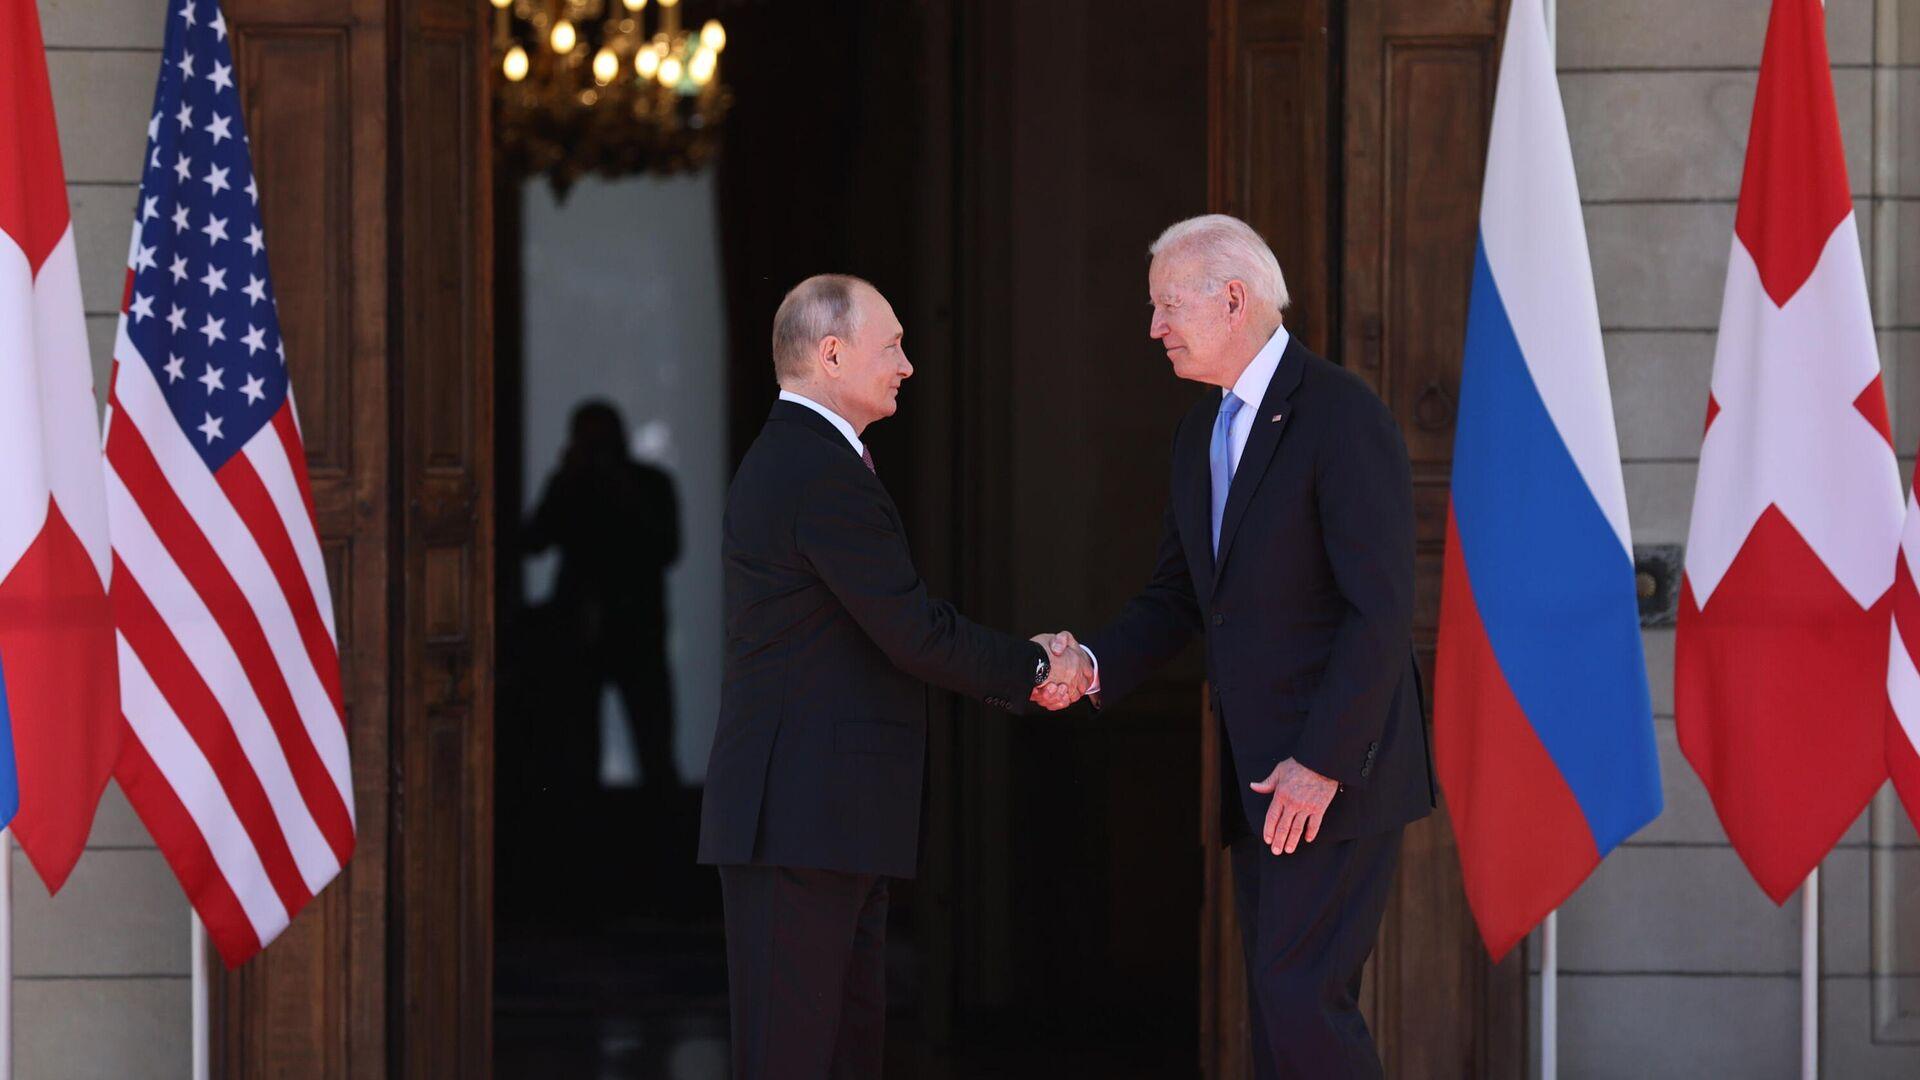 Встреча президентов России и США В. Путина и Дж. Байдена в Женеве - РИА Новости, 1920, 14.10.2021